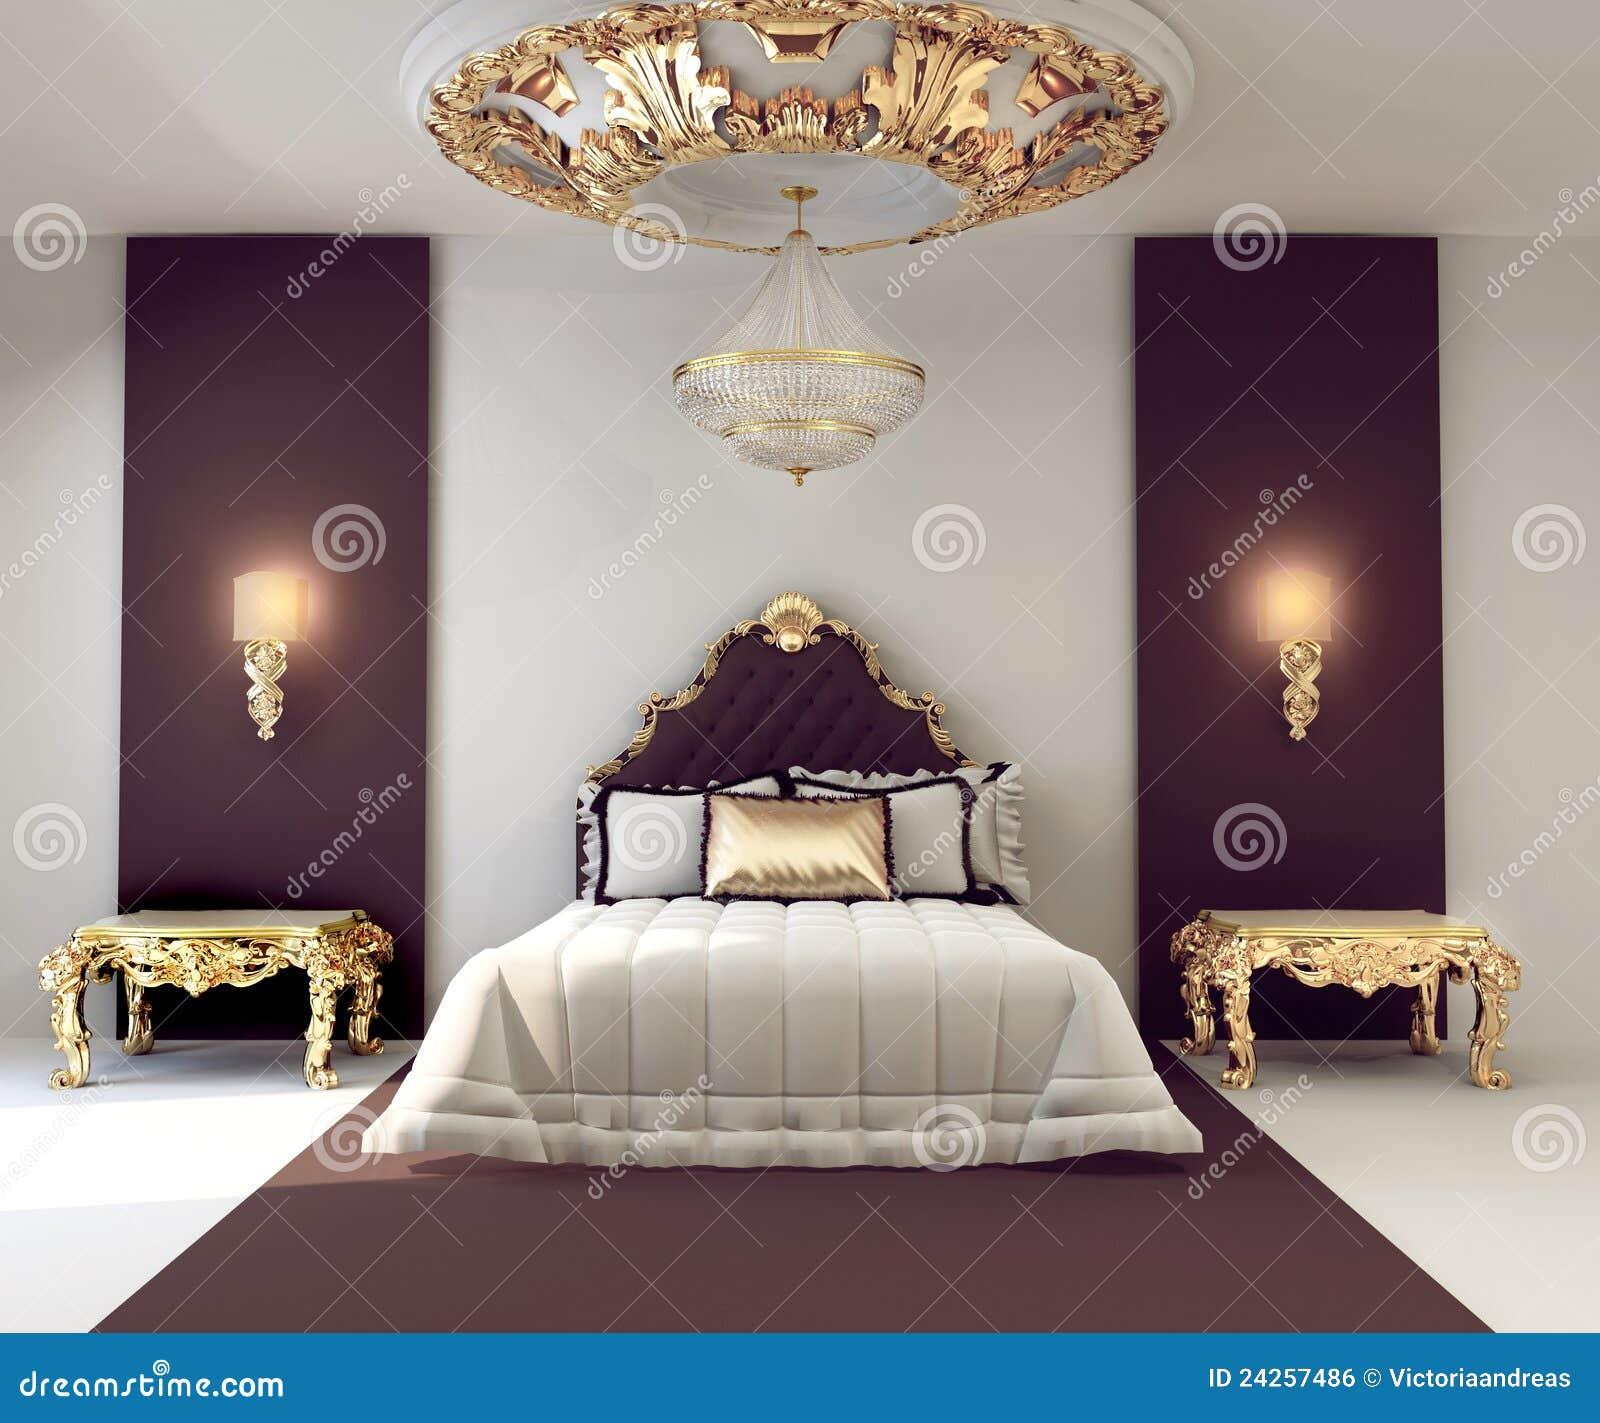 Double Chambre A Coucher De Luxe Avec Les Meubles D Or Illustration